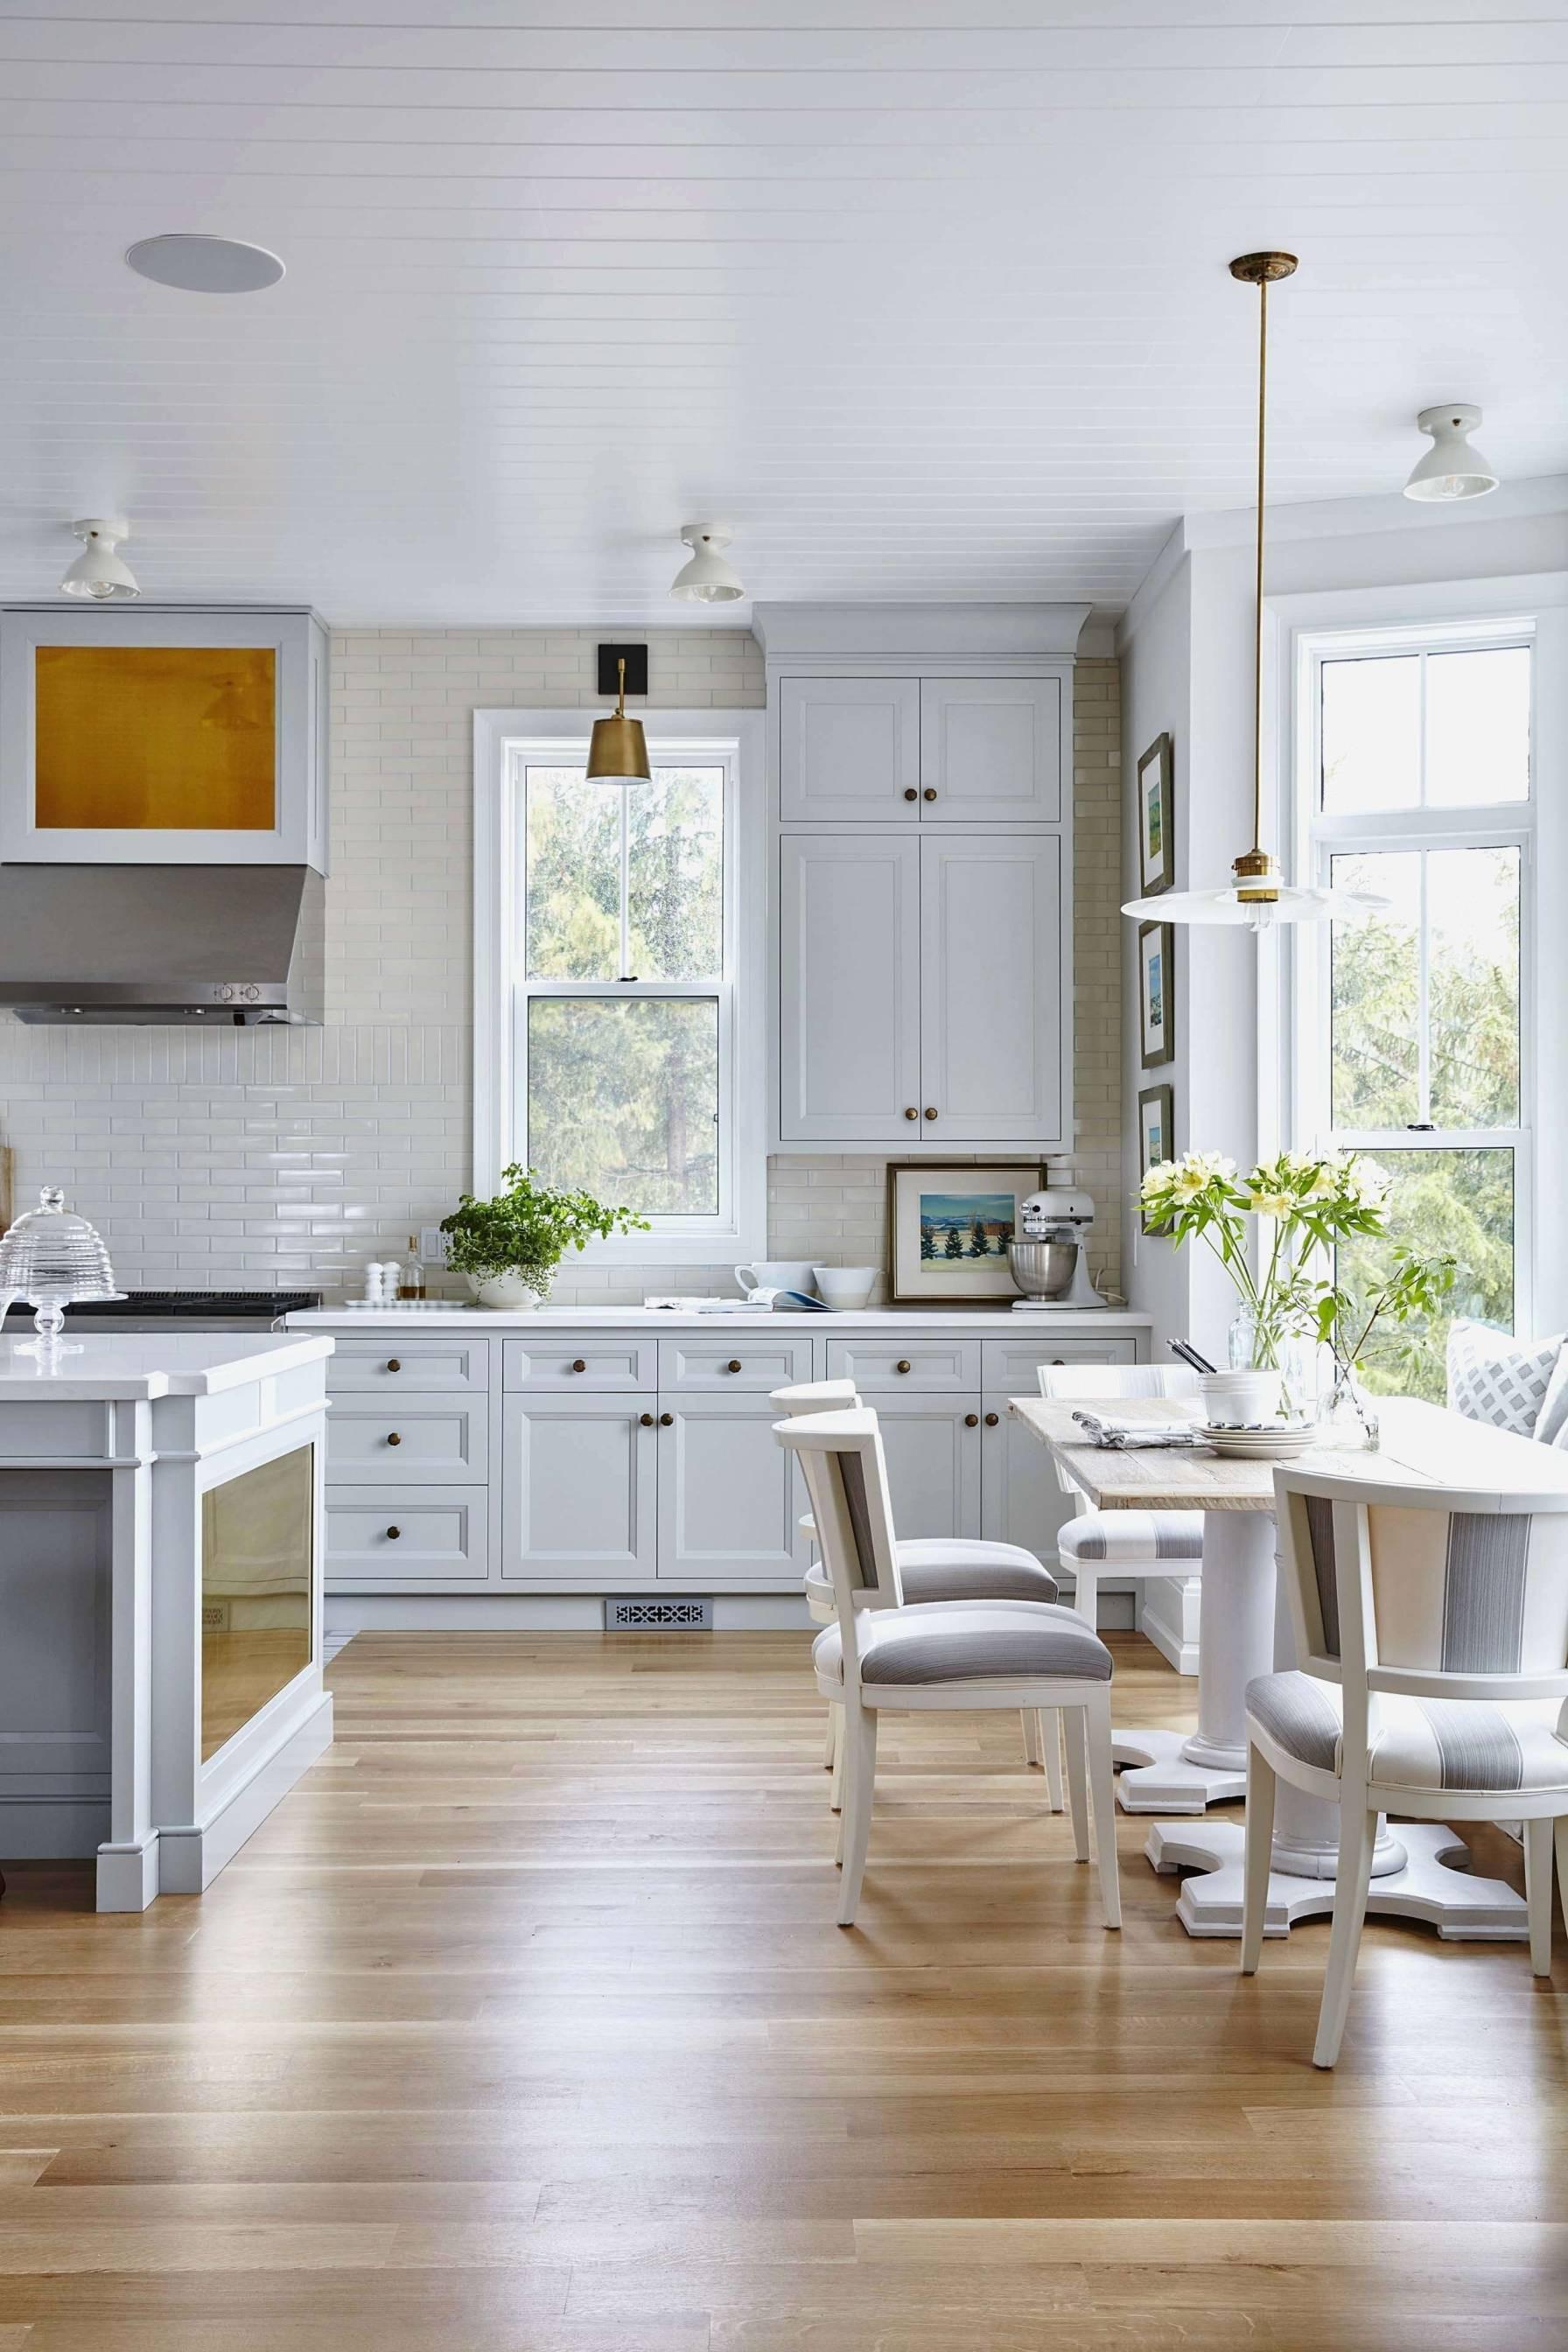 kitchen hardwood floor ideas of 20 gray kitchen cabinets with hardwood floors graphics pertaining to kitchen joys kitchen joys kitchen 0d kitchens design ideas design scheme gray kitchen cabinet